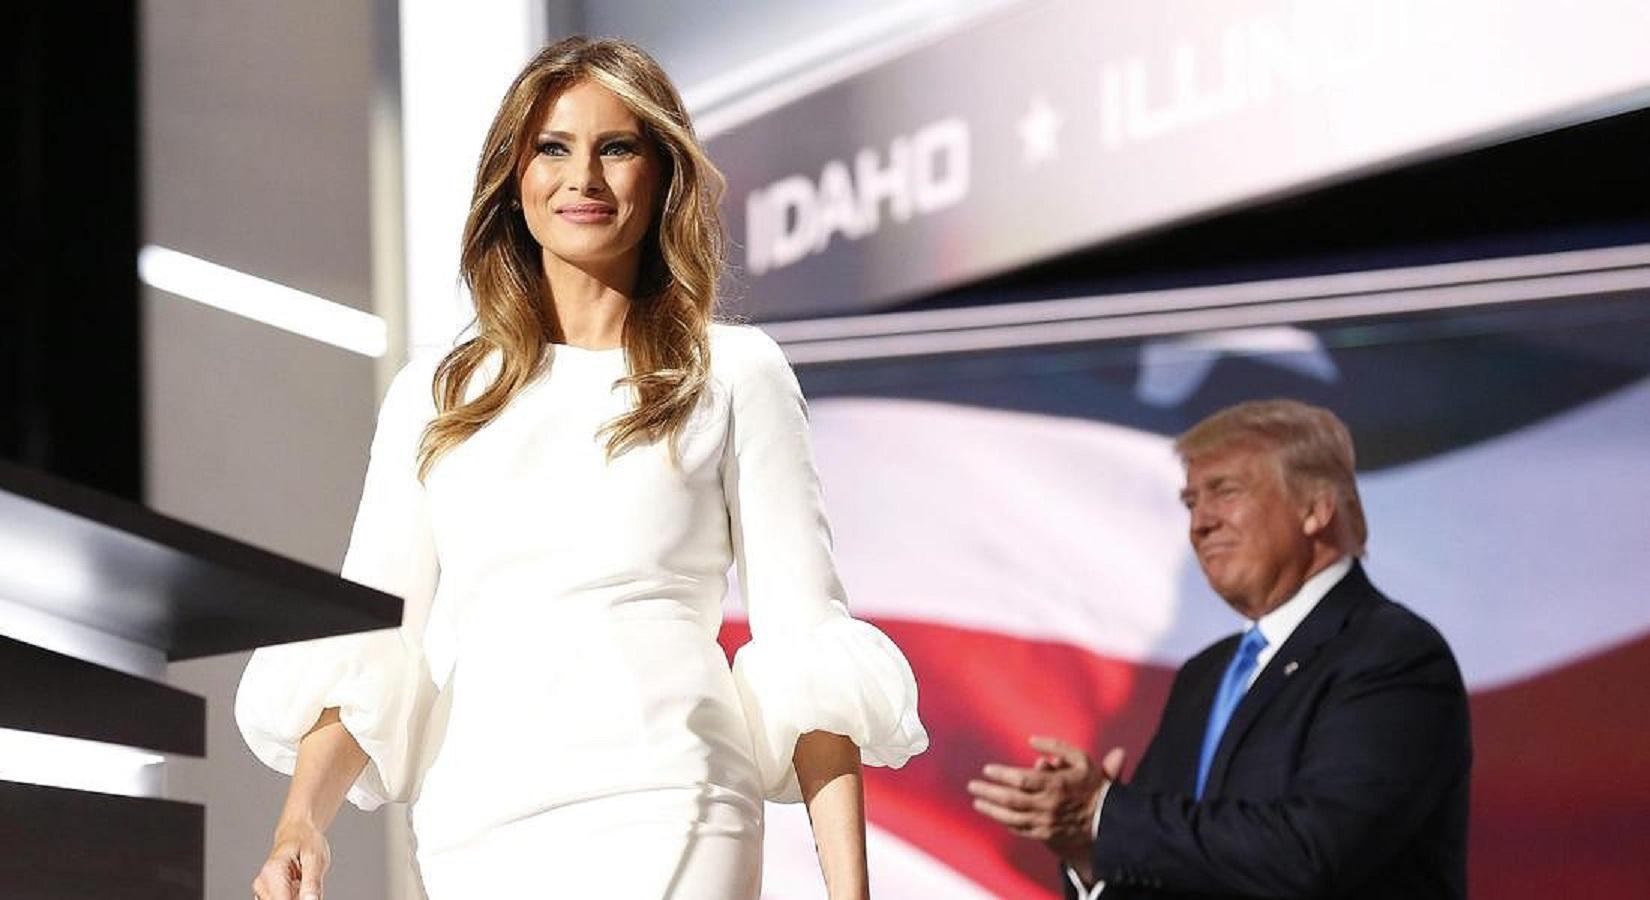 Melania Trump non voleva indossare abiti di designer scelti prima da Ivanka